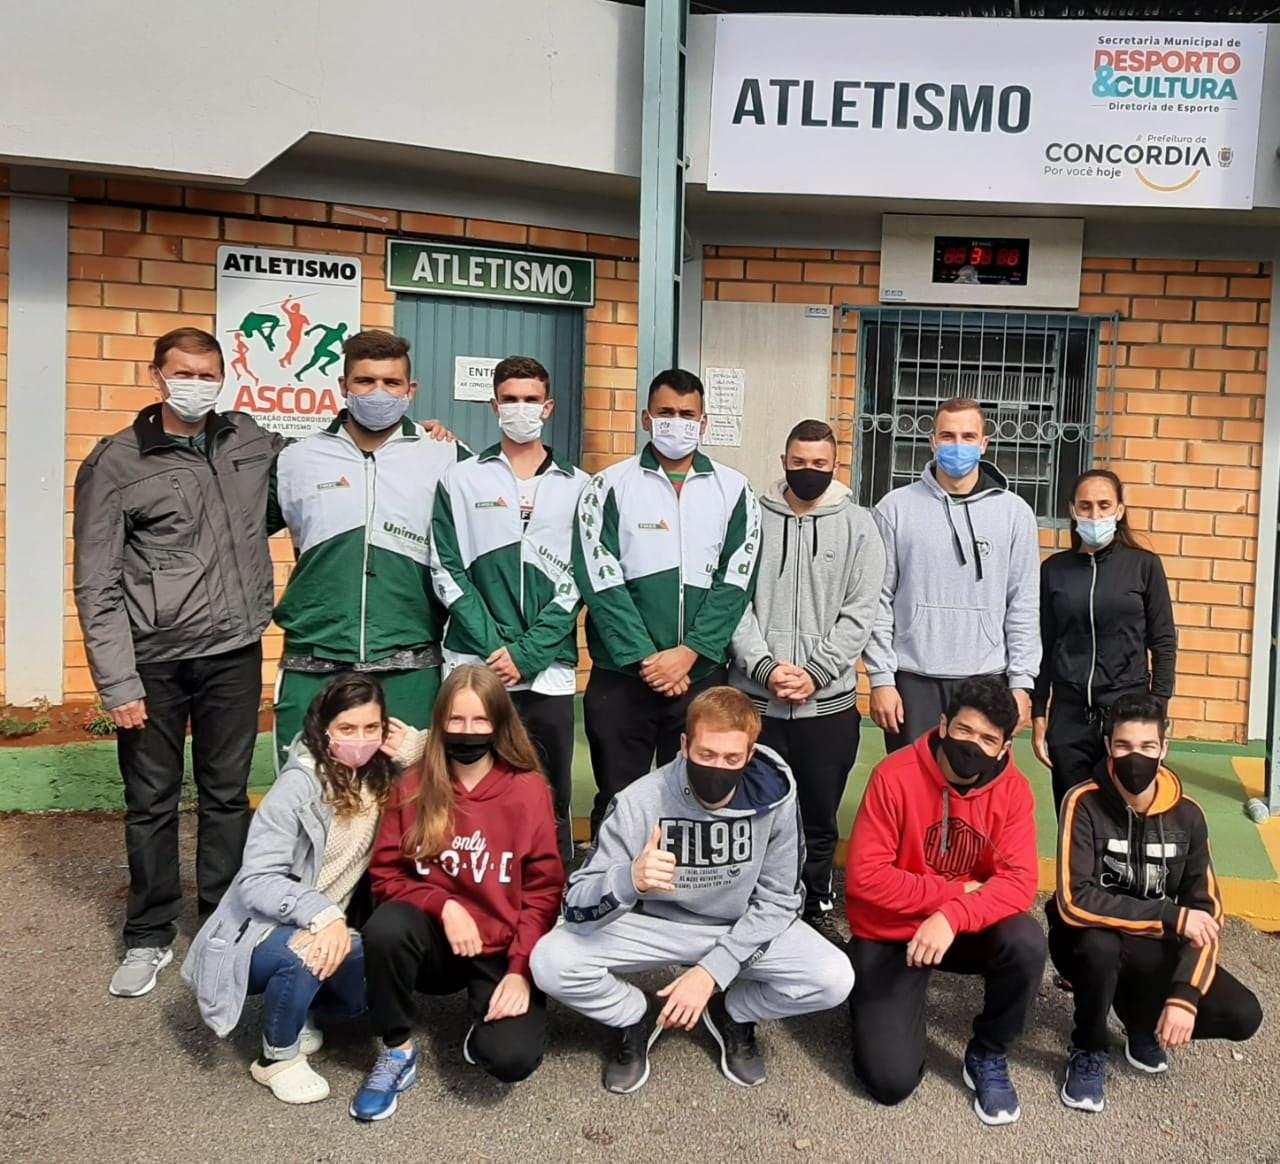 Campeonato Estadual Caixa de Atletismo Sub 20 terá participação de 11 atletas de Concórdia